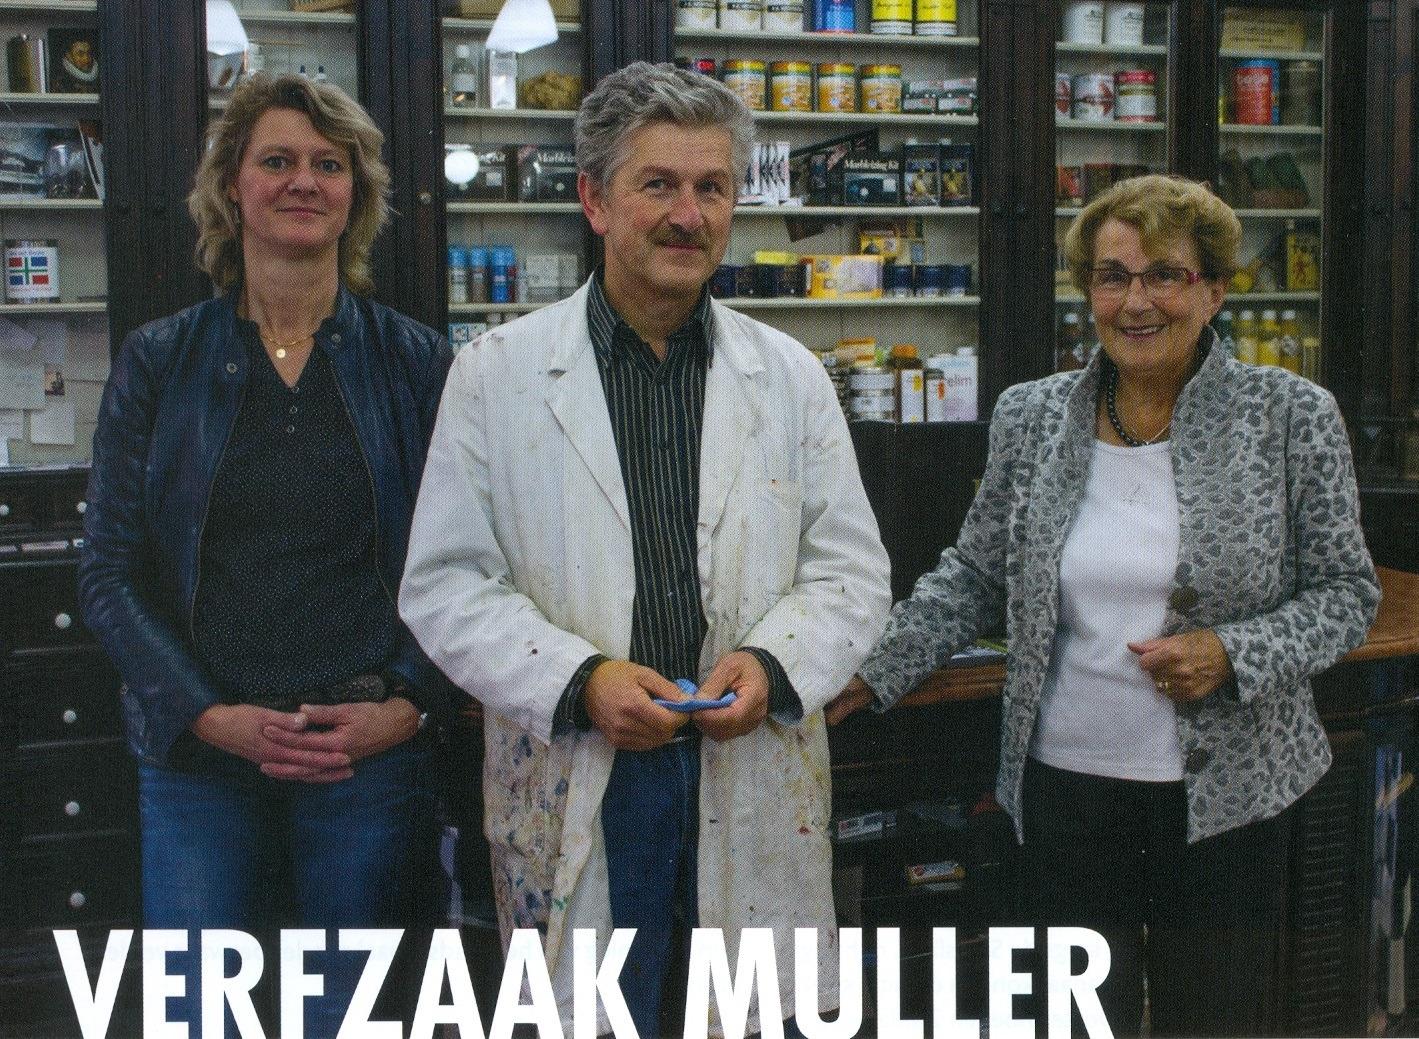 Interview in tijdschrift Veerten